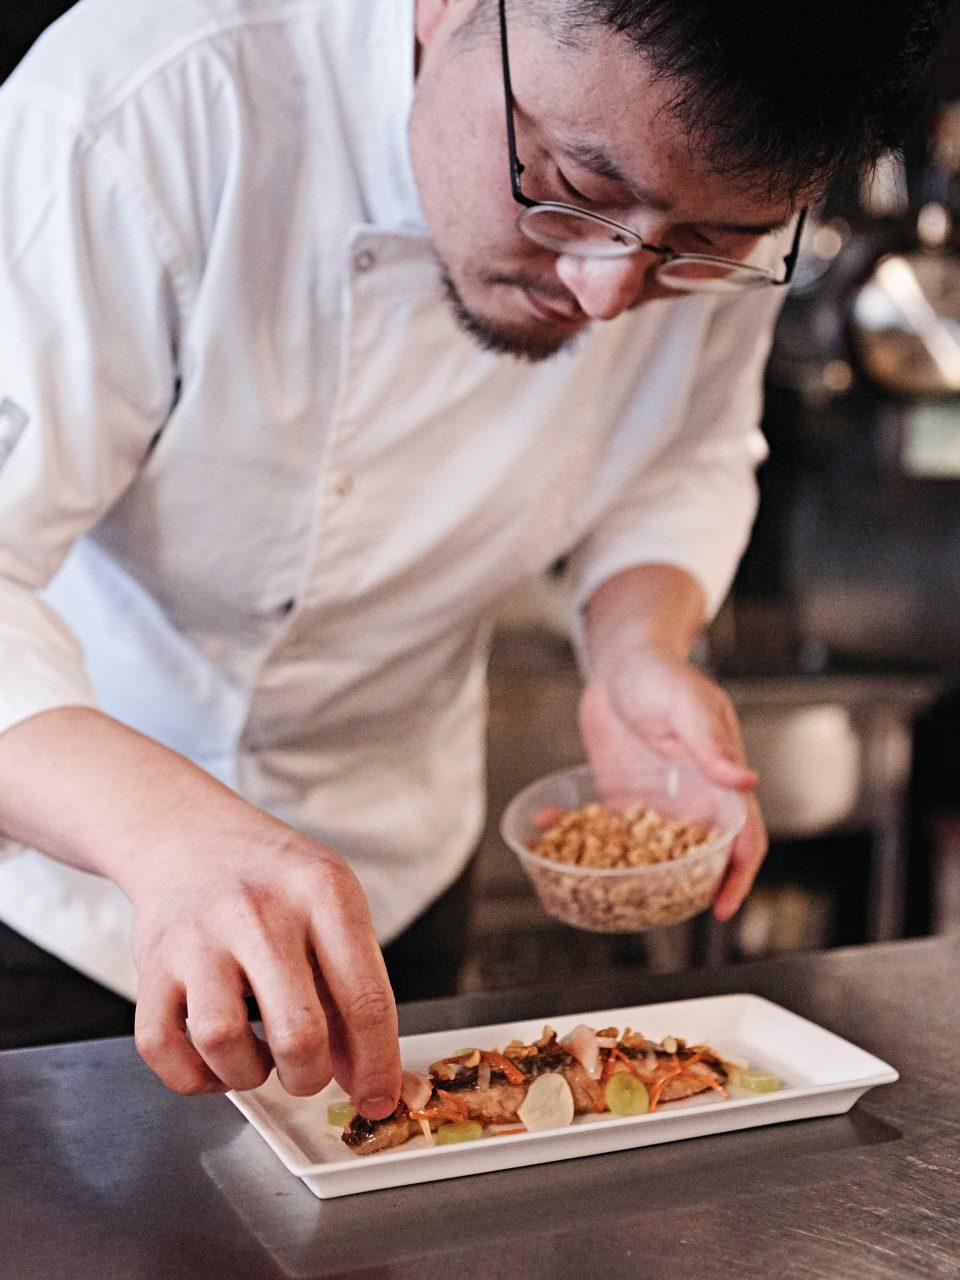 1체스터필드웨이의 김정환 셰프. 장난기 넘치는 성격이지만, 음식 앞에서는 언제나 진지한 모습을 보인다. © 김재욱